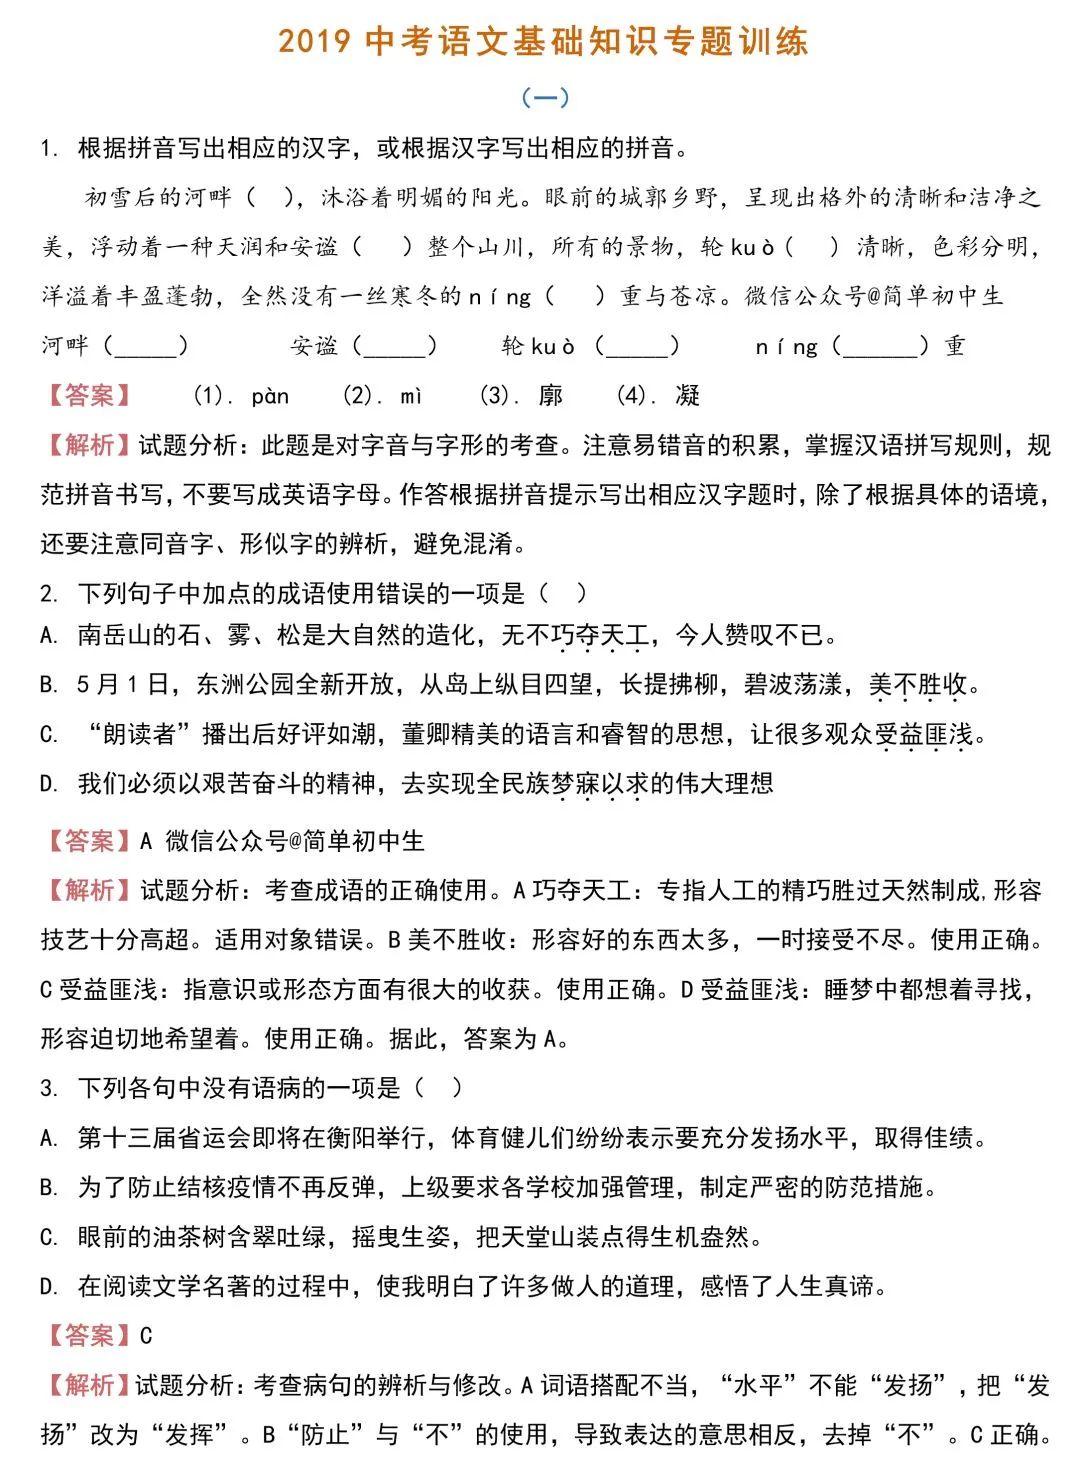 中考语文基础知识131题(含答案), 一定要记住!